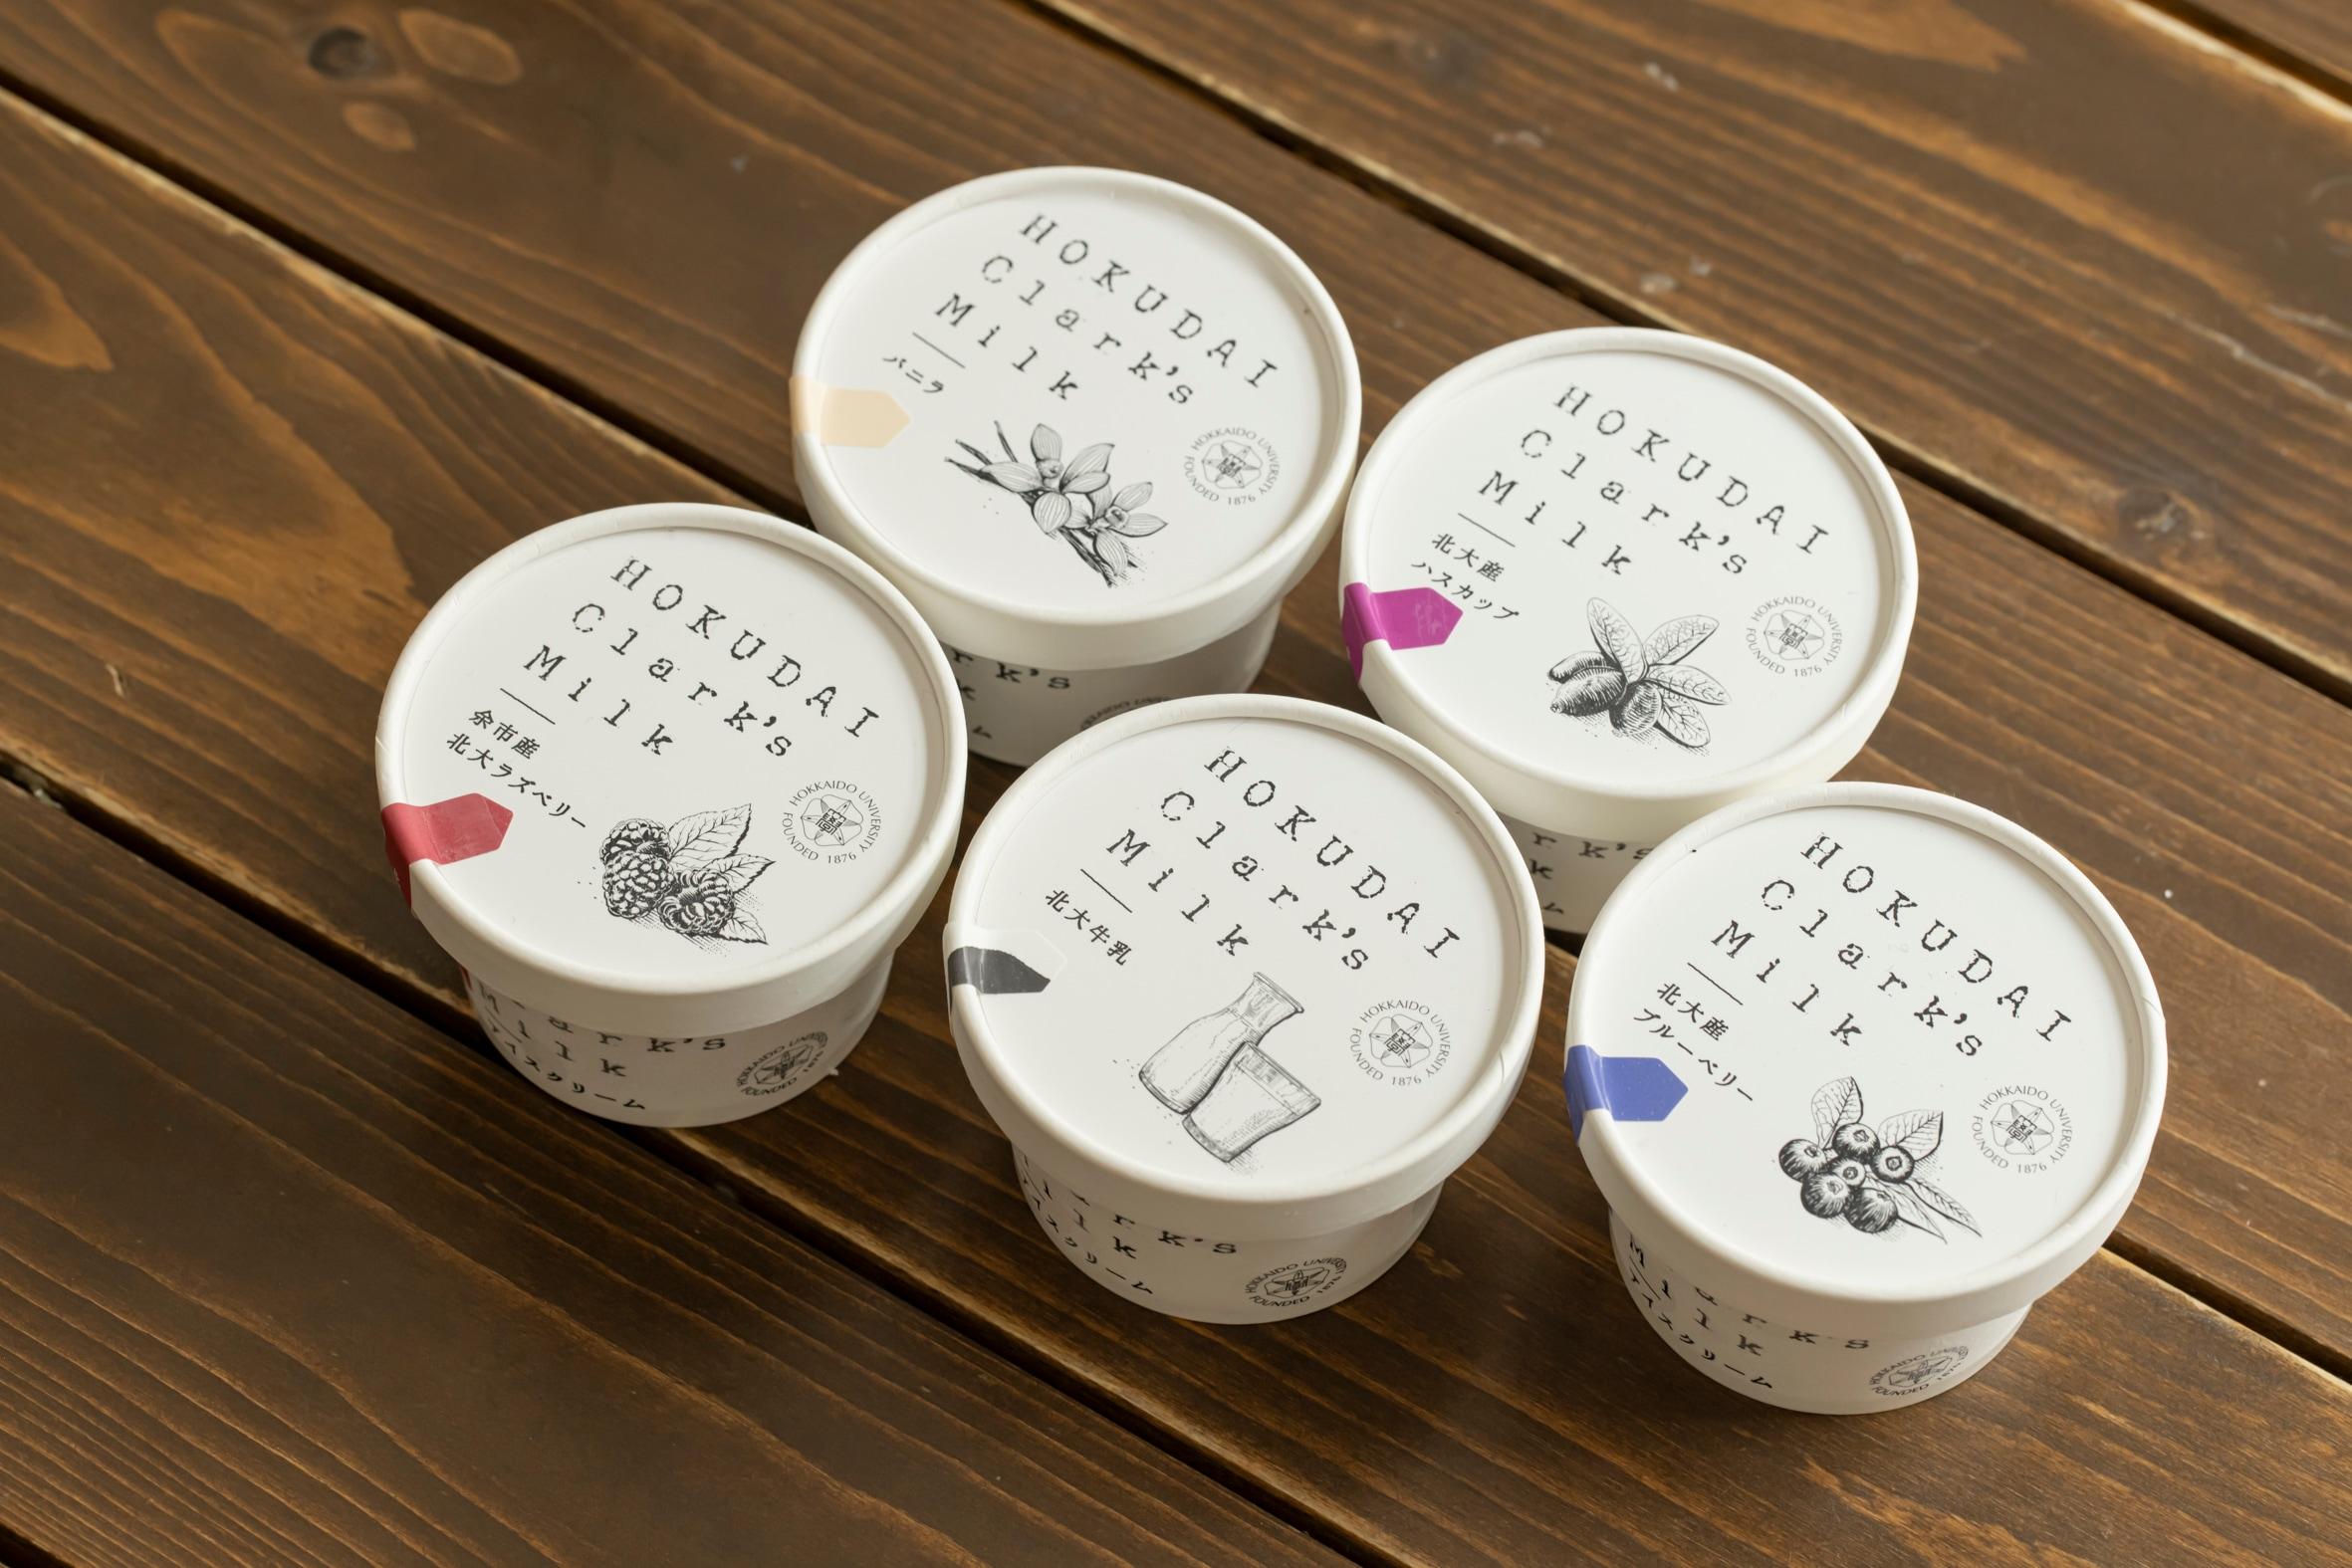 HOKUDAI Clark's Milk アイスクリーム5点セット,北大マルシェ Cafe & Laboの通販・お取り寄せアイスクリーム